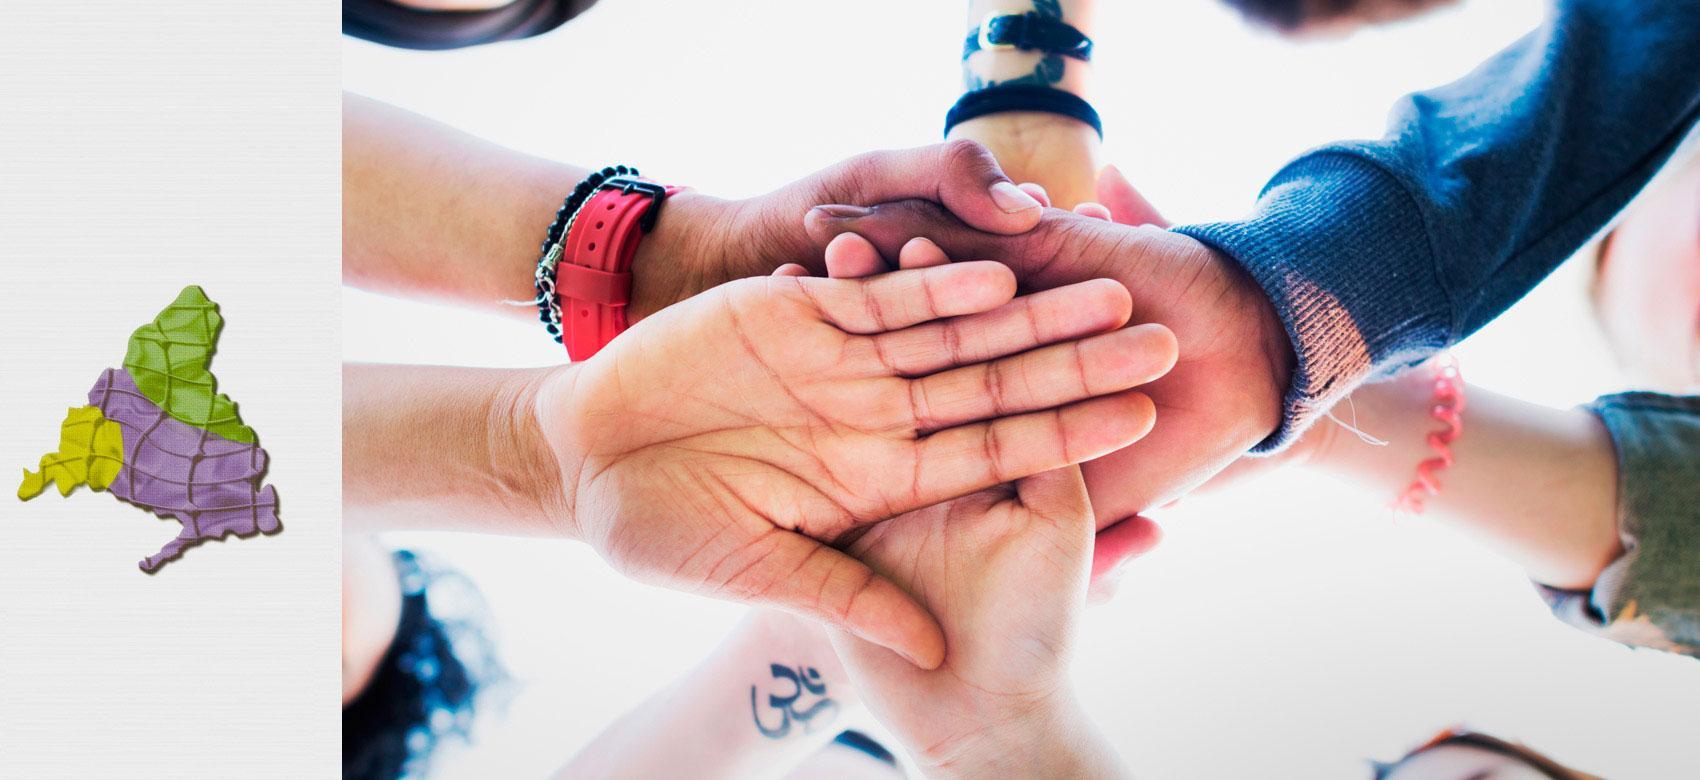 Imagen ilustrativa de manos enlazadas y logotipo de la red de atención social a personas con enfermedad mental